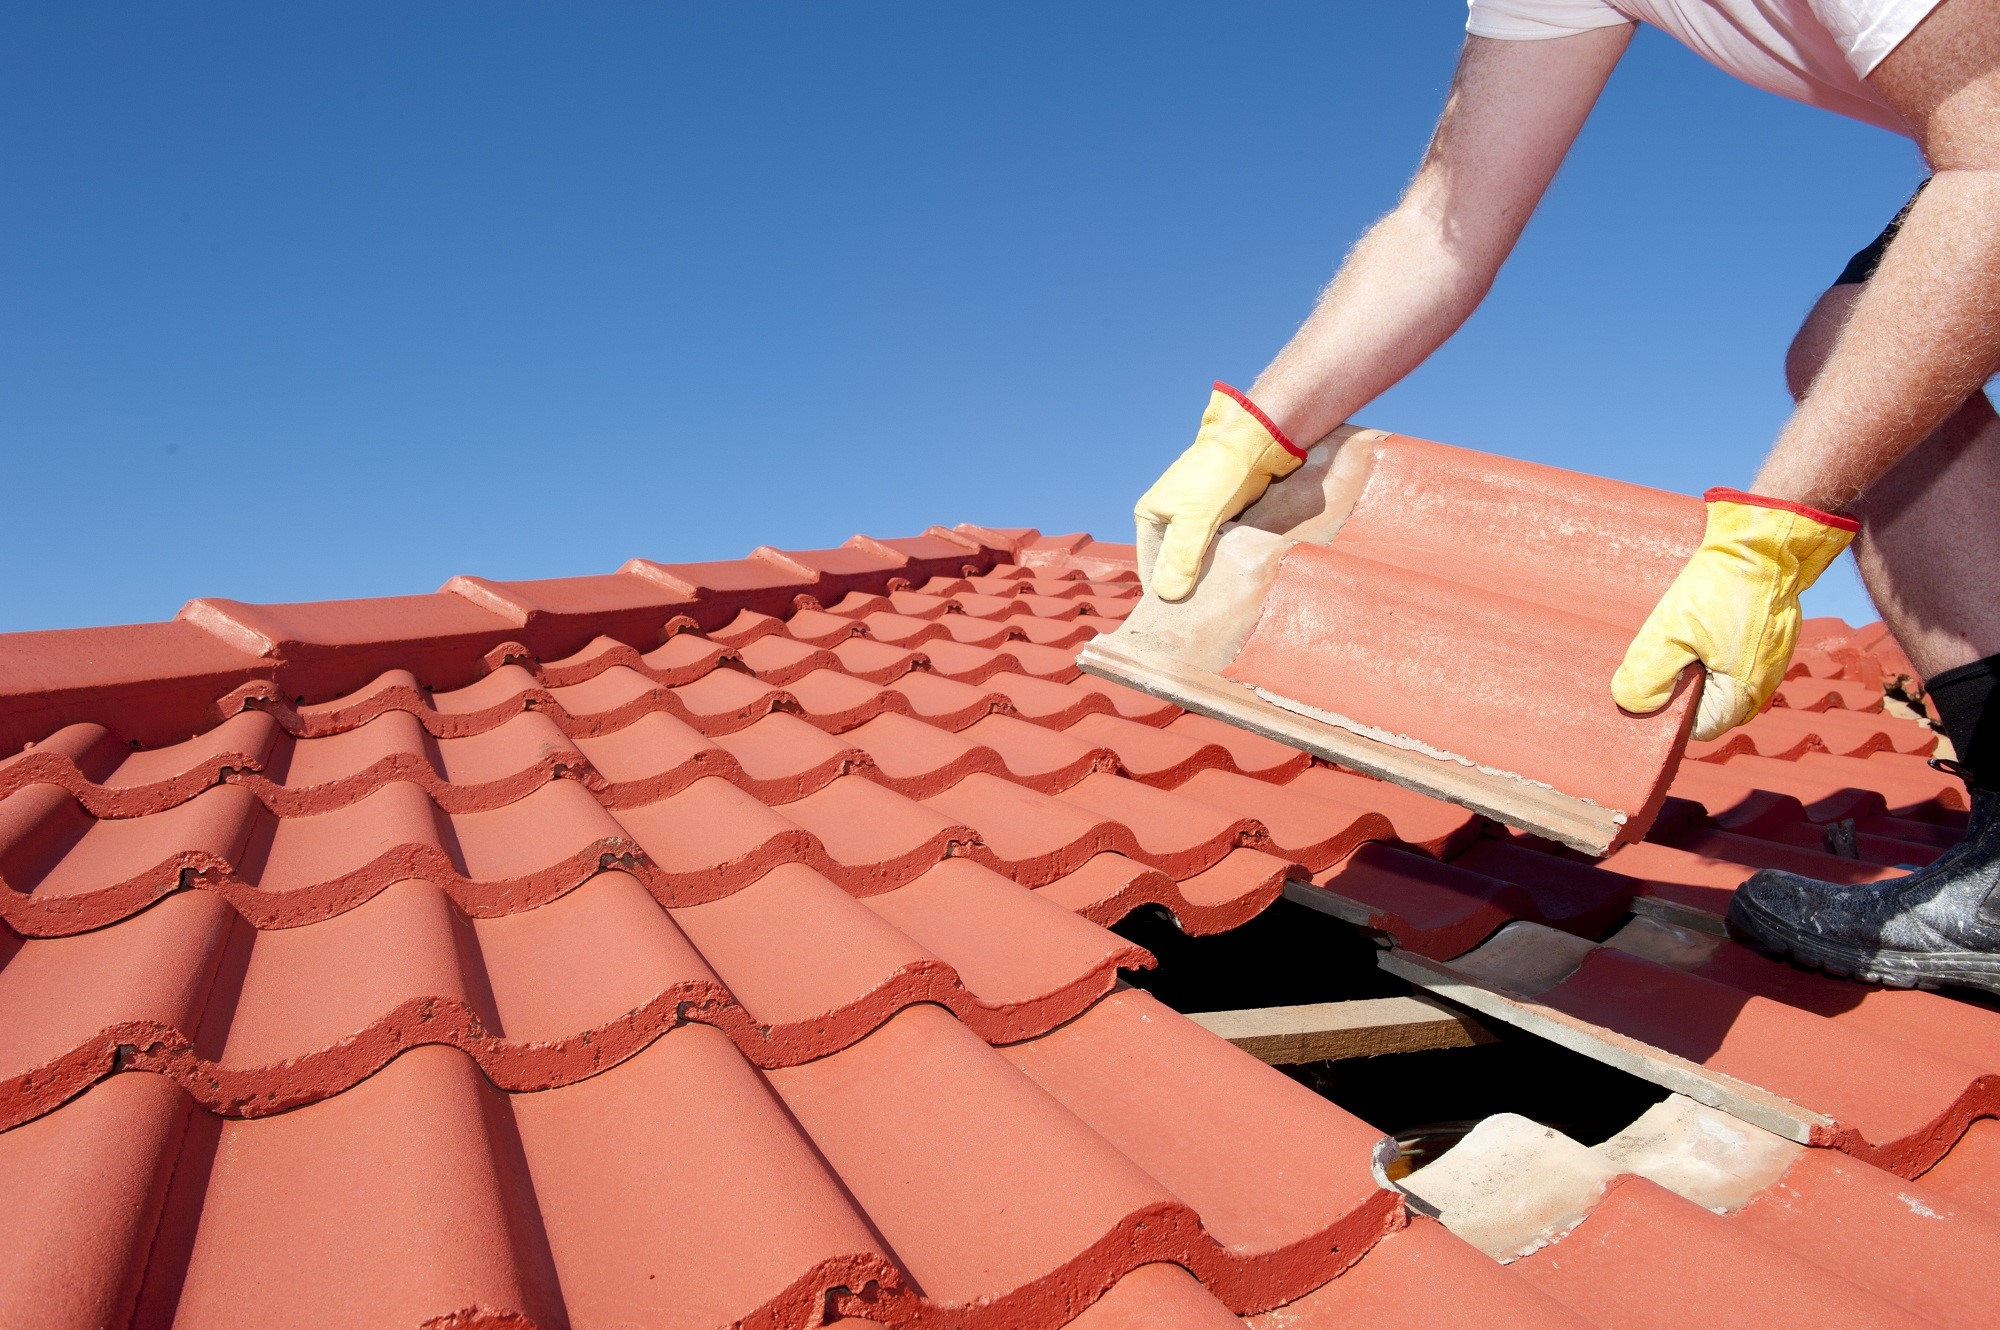 bergen-roofing-contractor